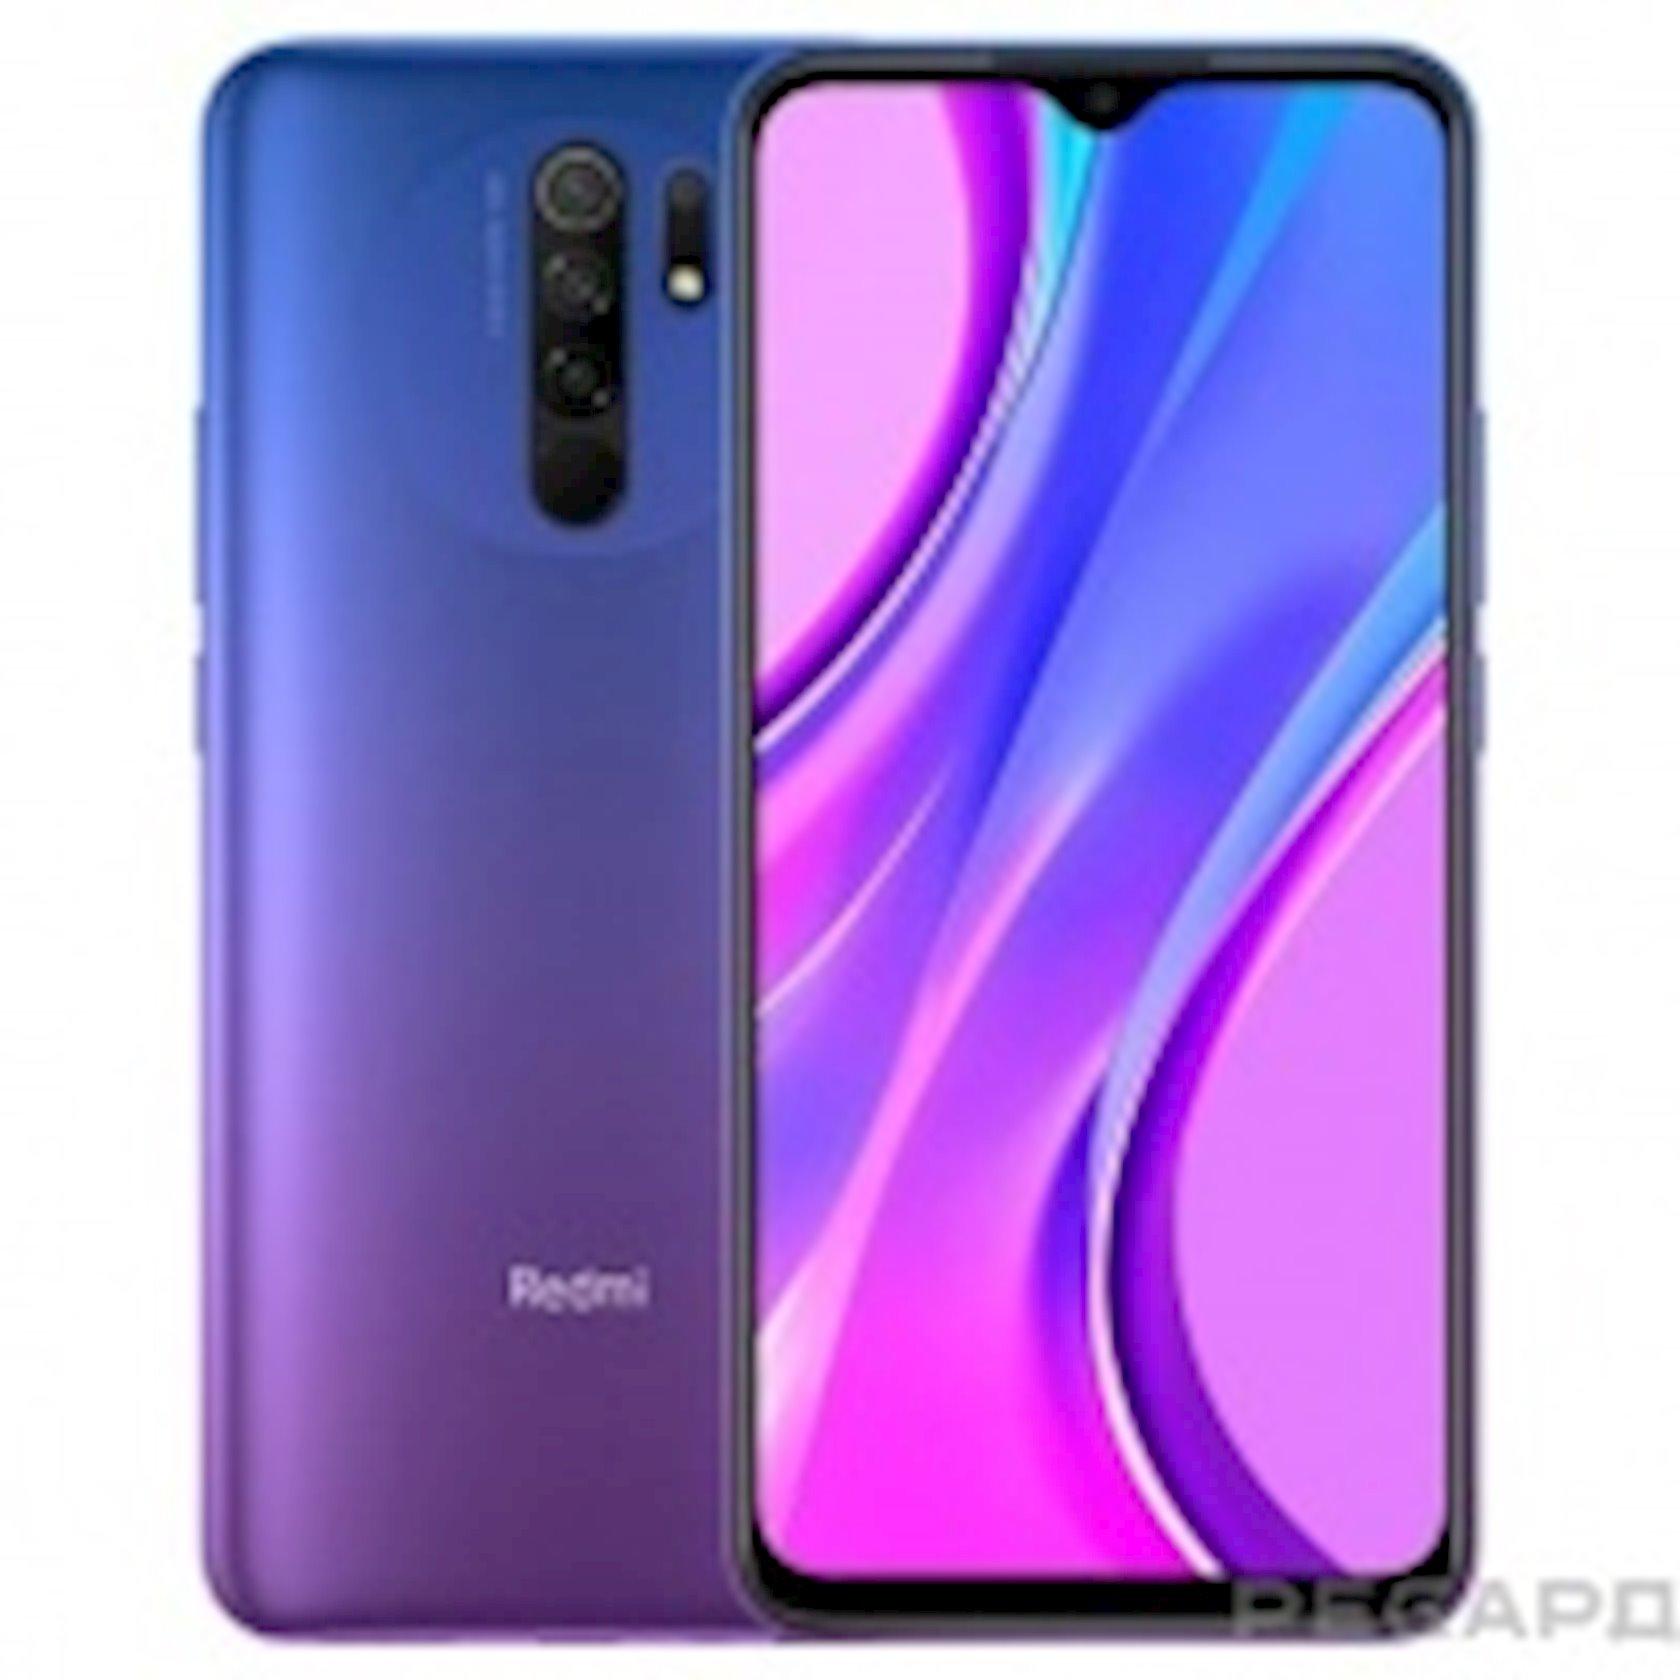 Smartfon Xiaomi Redmi 9 4GB/64GB Sunset Purple